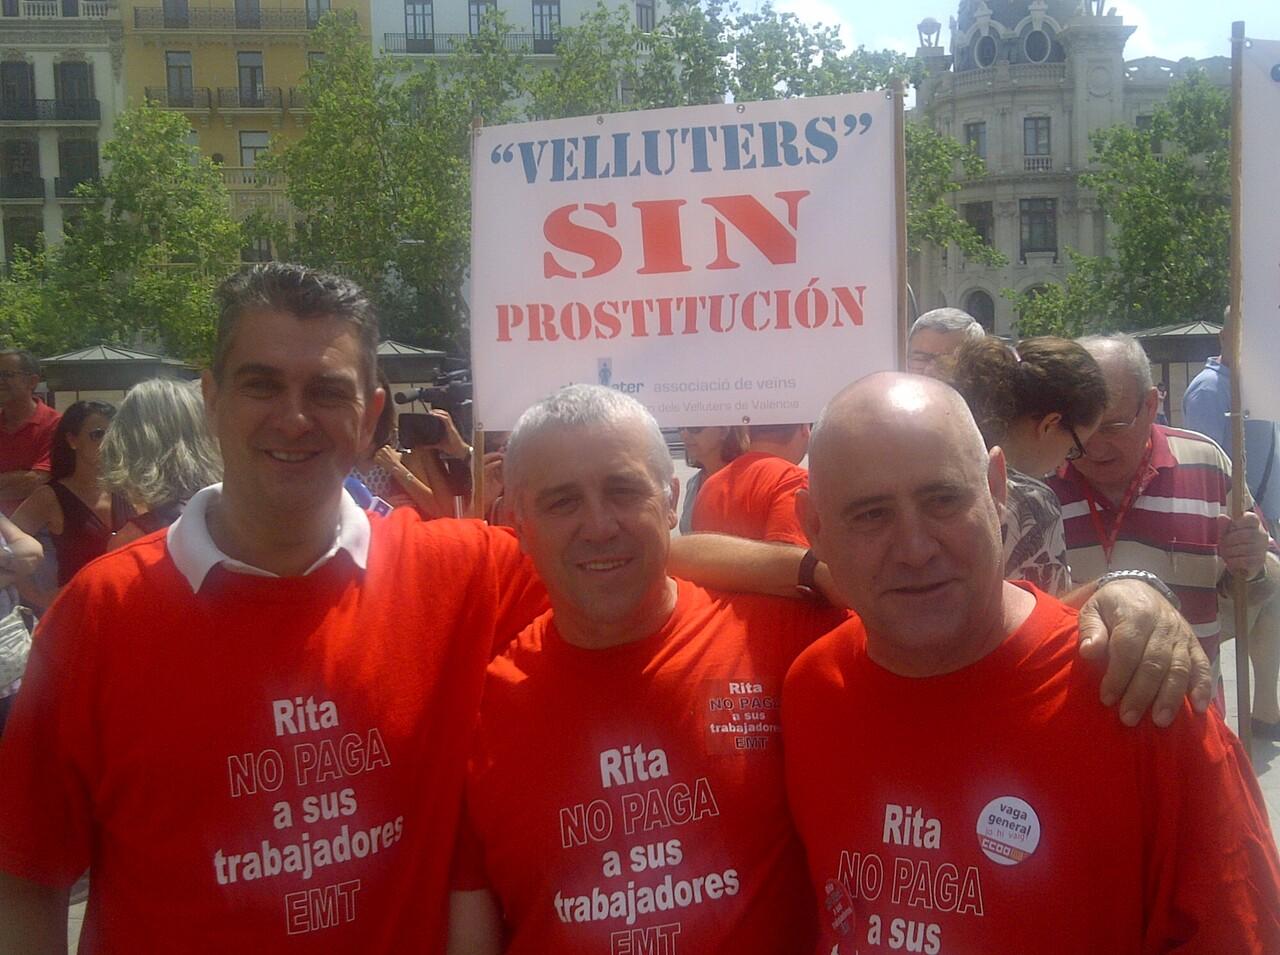 Dirigentes de CC.OO, con el miembro del comité, Jaime Collado, en una de las protestas de meses pasados/vlcciudad